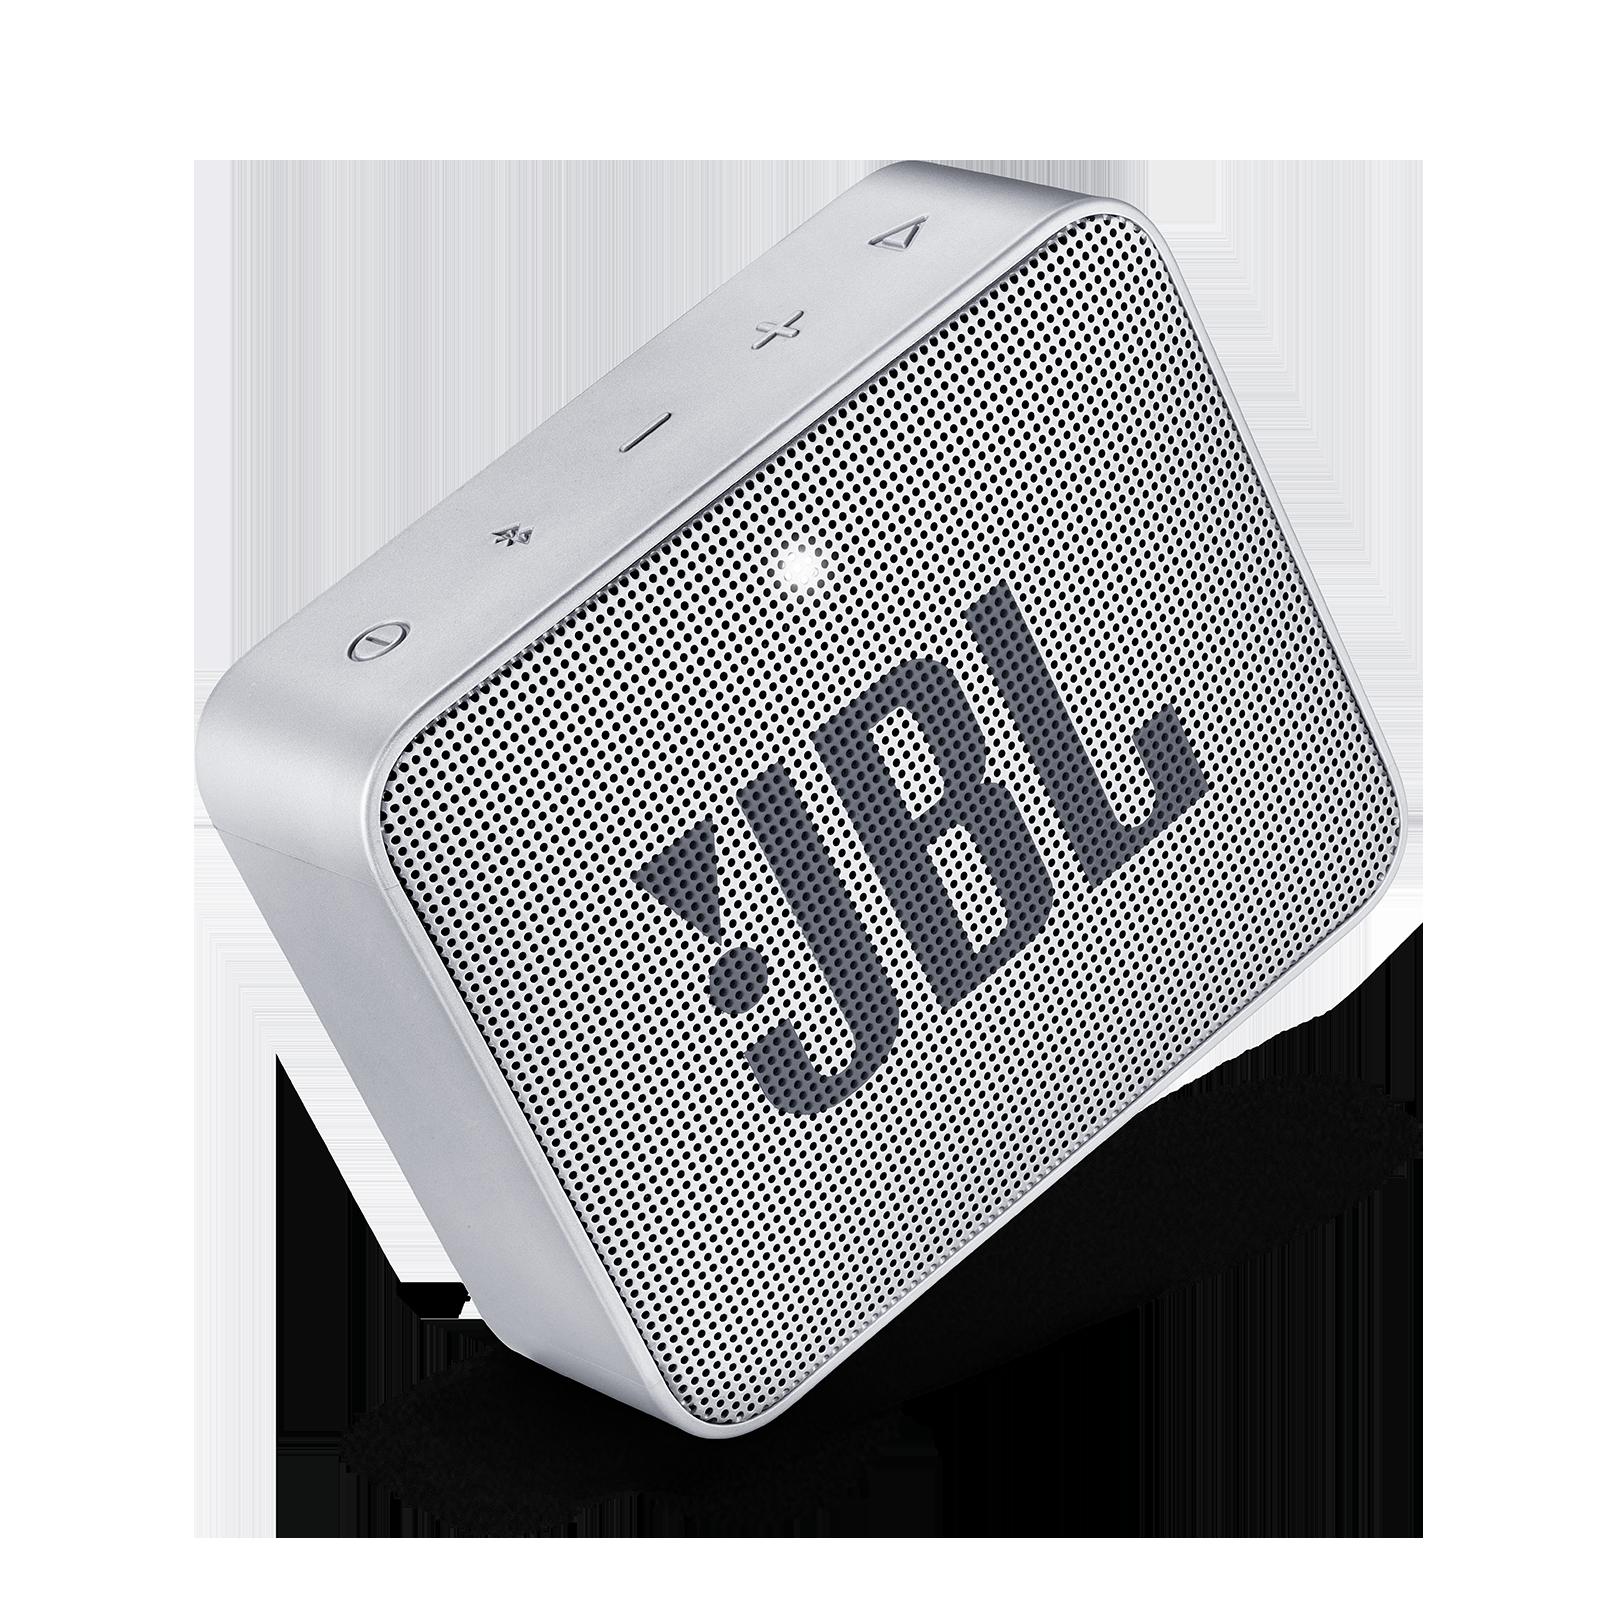 JBL GO 2 - Ash Gray - Portable Bluetooth speaker - Detailshot 2